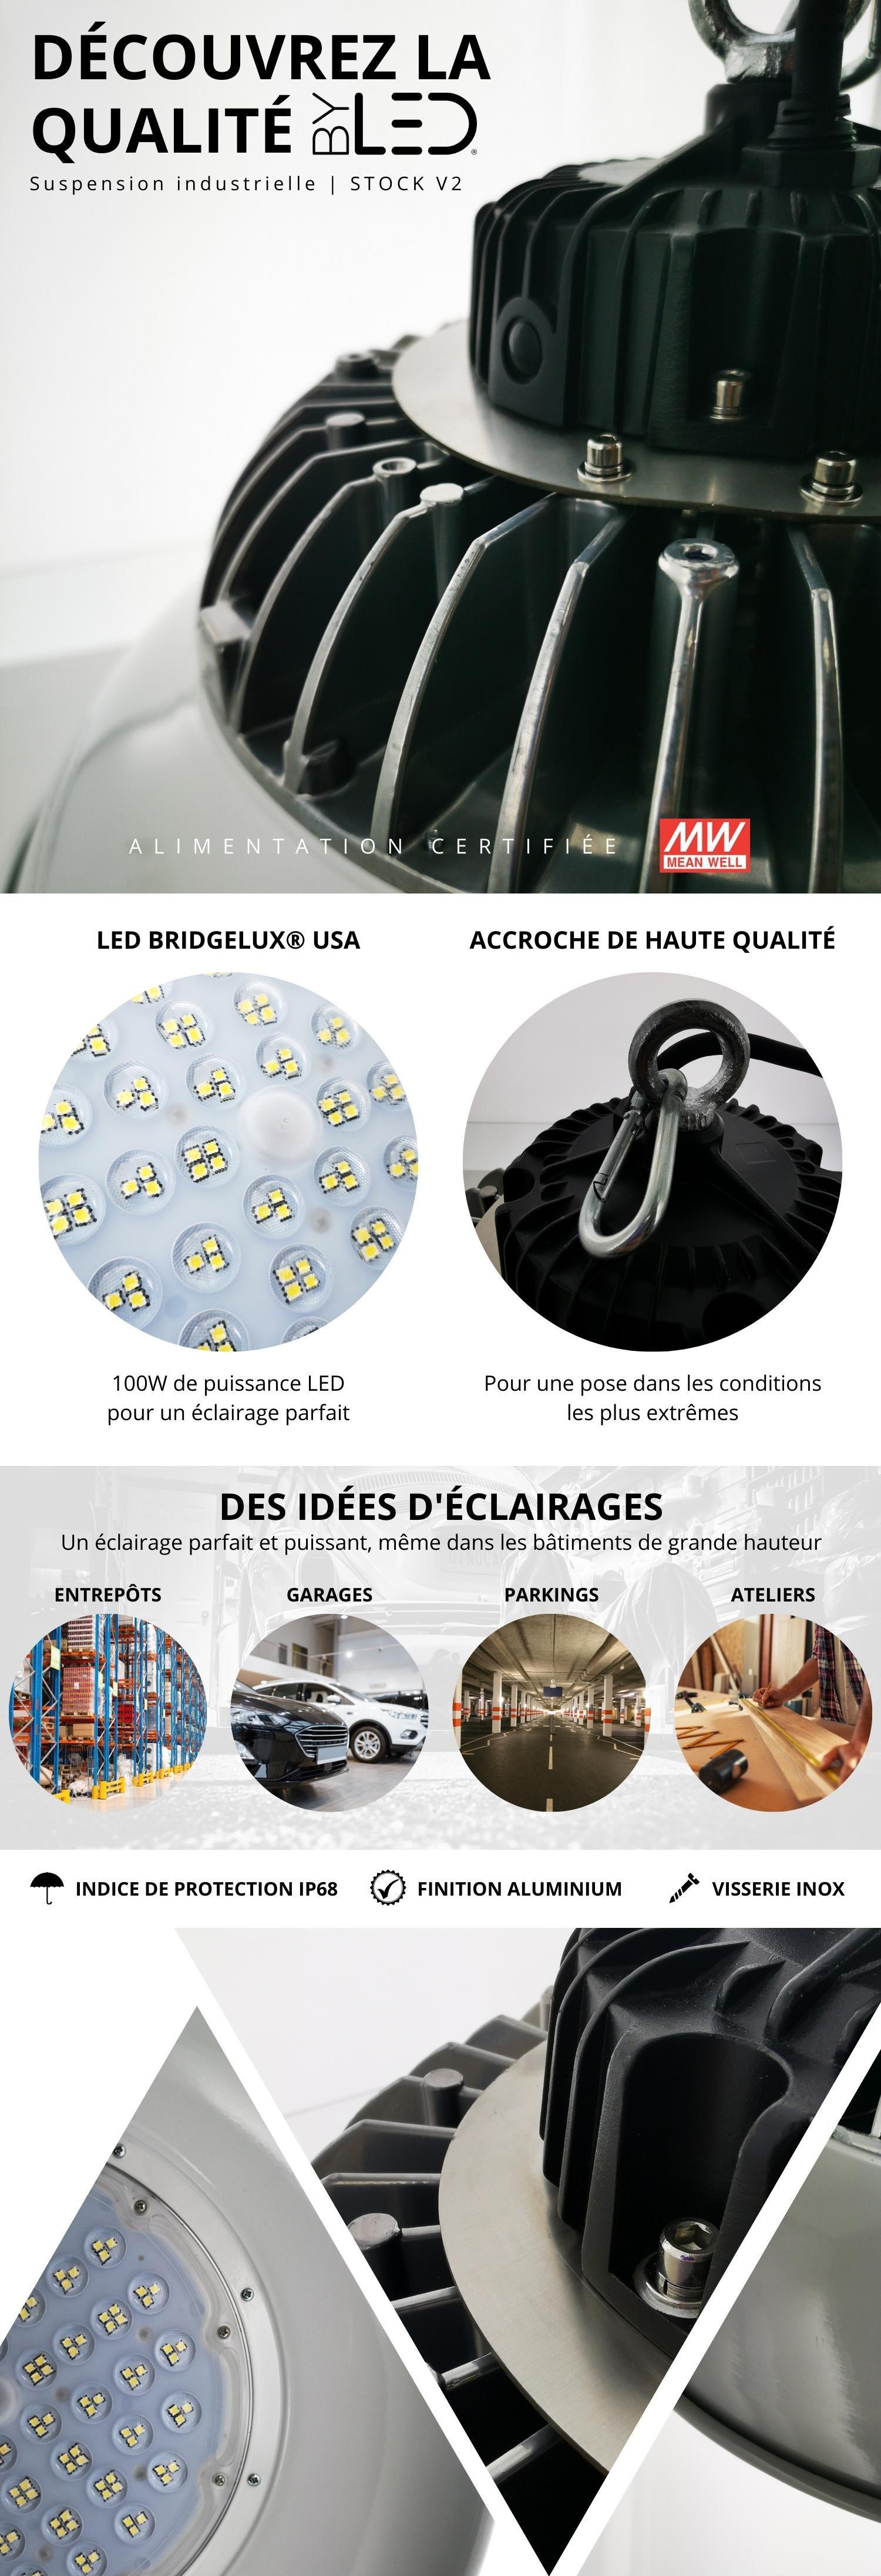 Suspension industrielle LED entrepôts